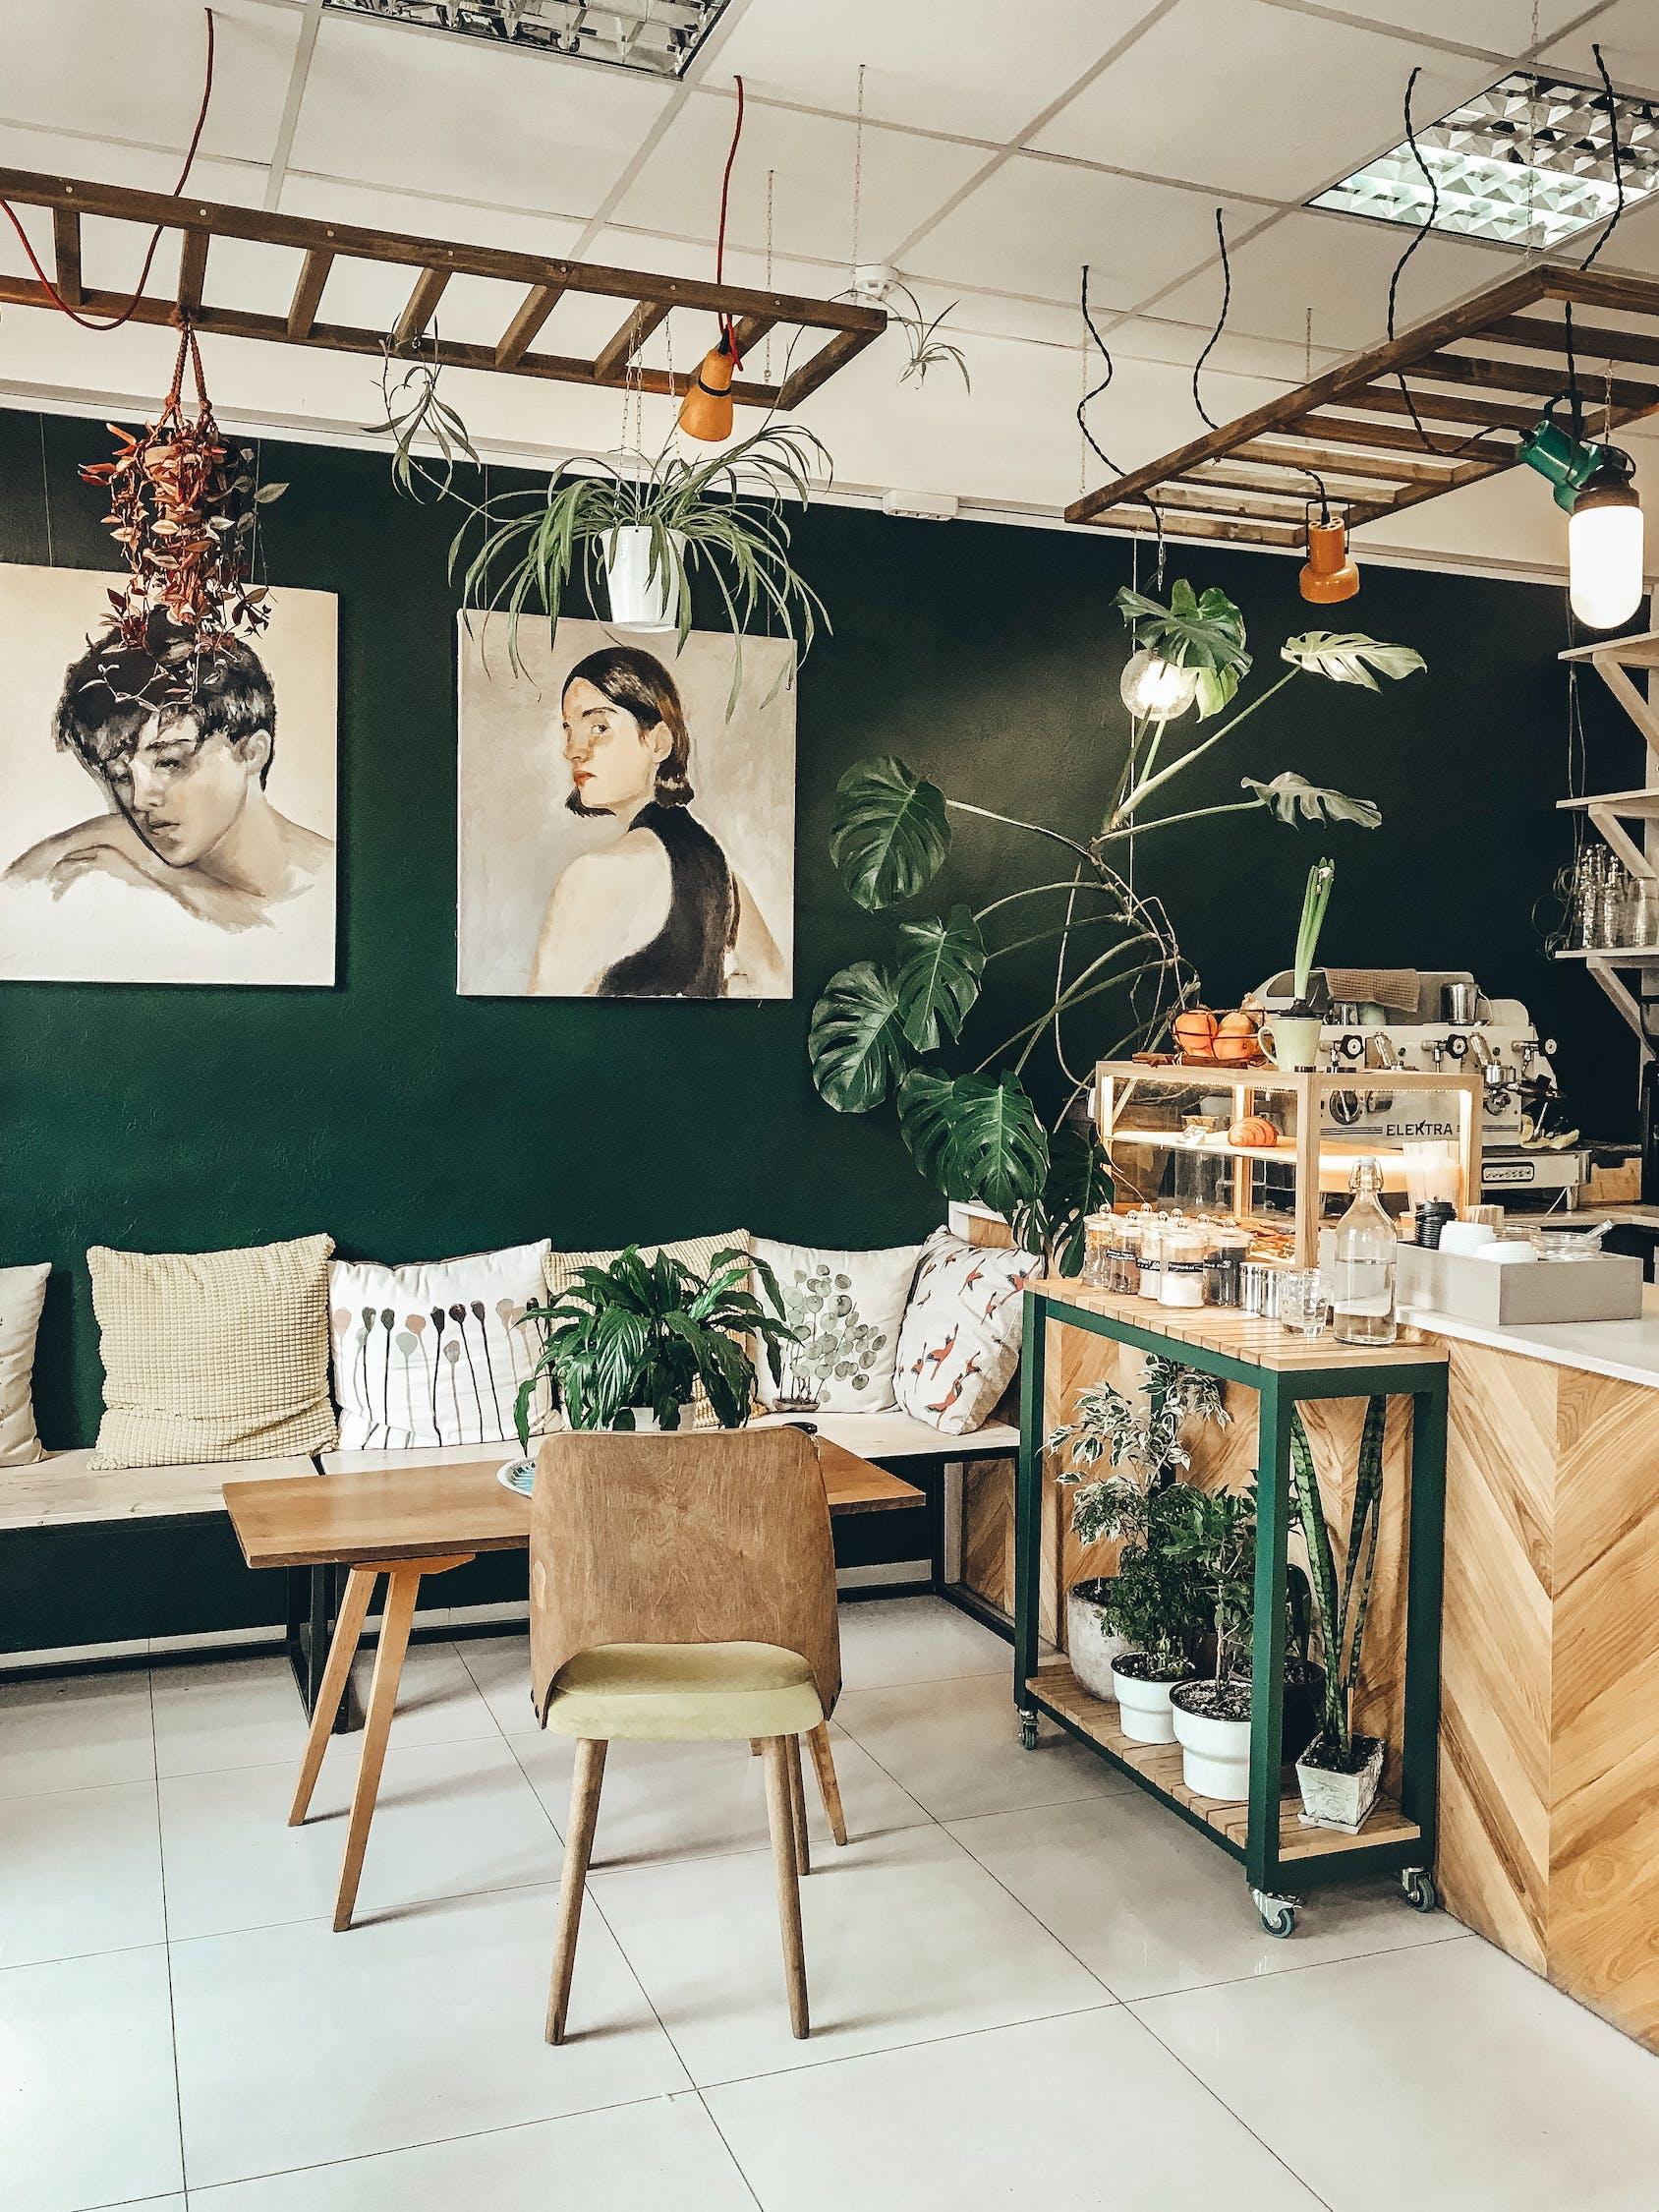 Diseño de cafetería sostenible